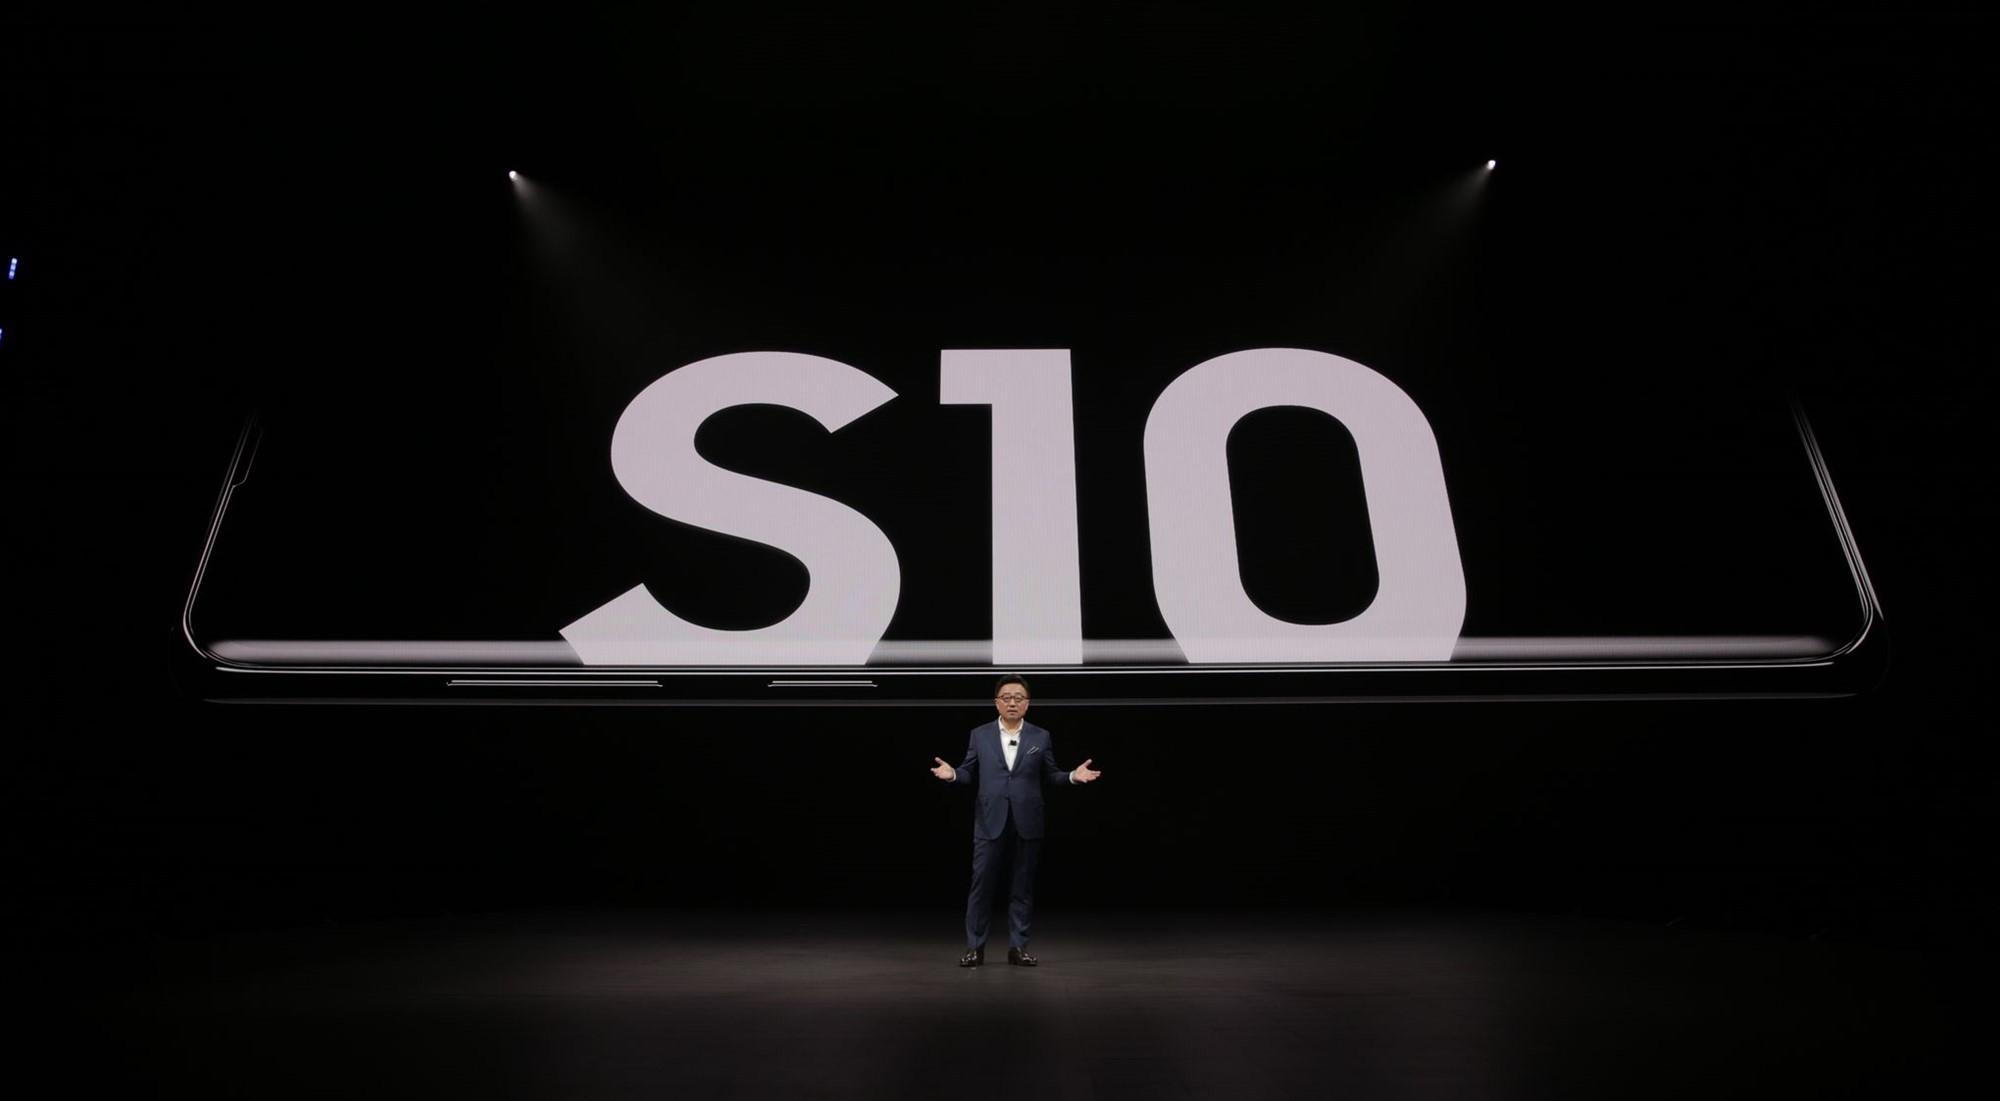 Tegnap este a Samsung bemutatta a Galaxy S10 és S10+ készülékeket